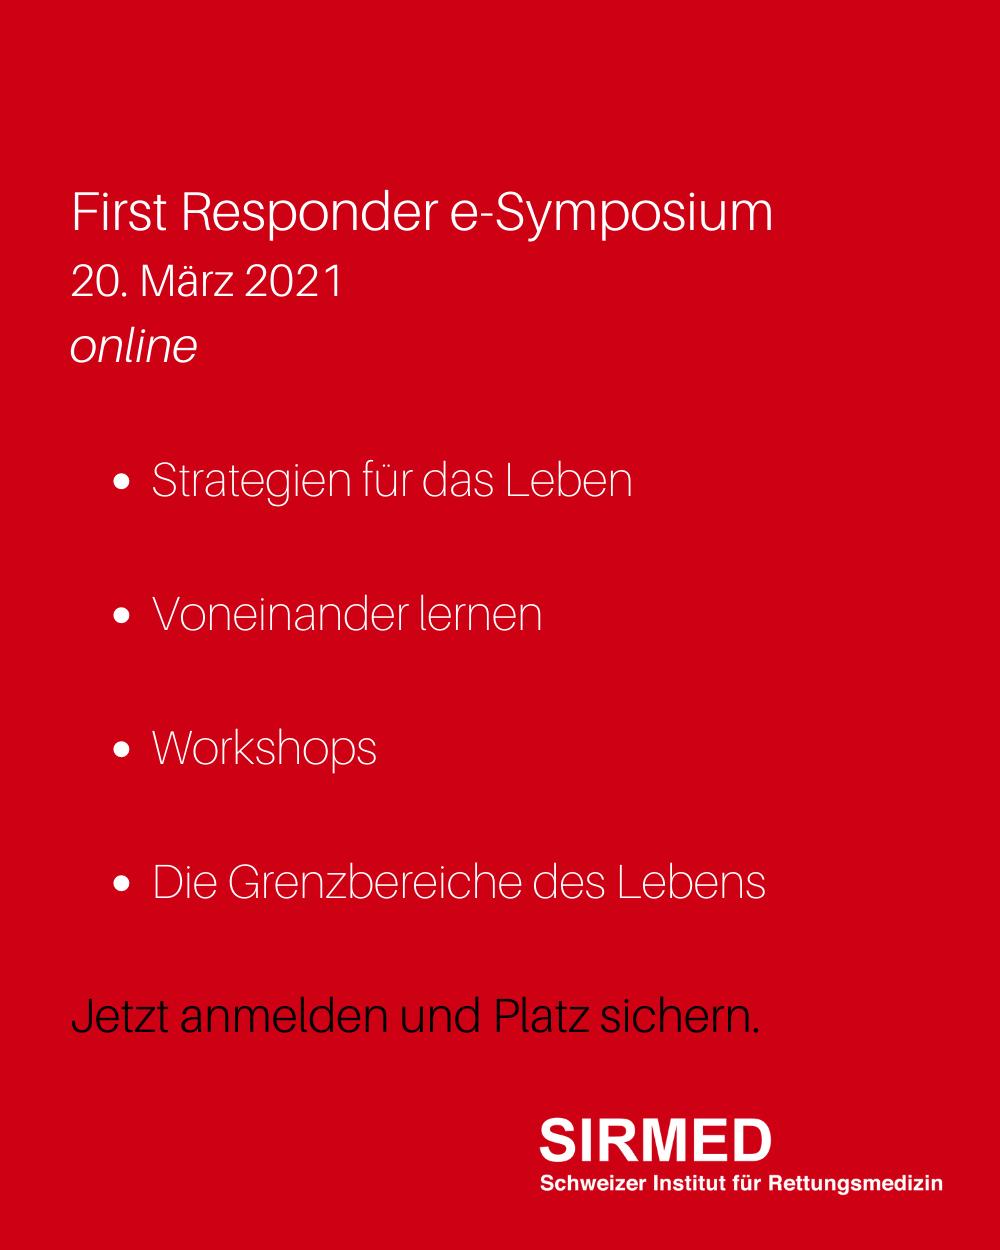 First Responder Symposium 2021